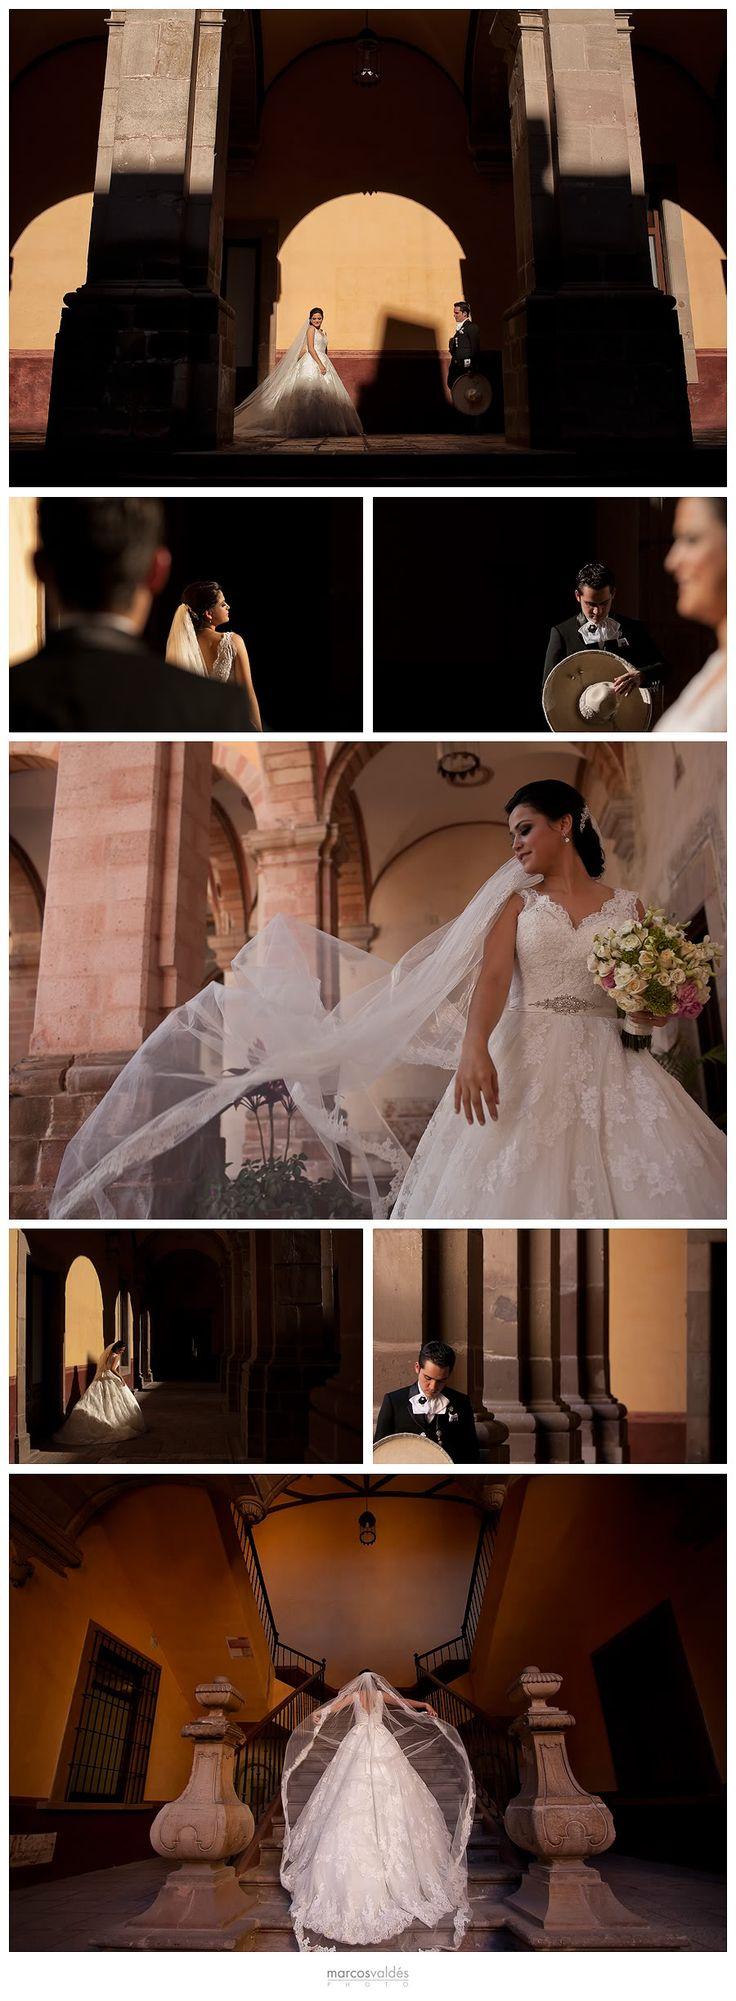 Mariana+Hugo boda charra, mexican wedding * marcosvaldesphoto® fotógarfo de estilo de vida y bodas en Querétaro, México